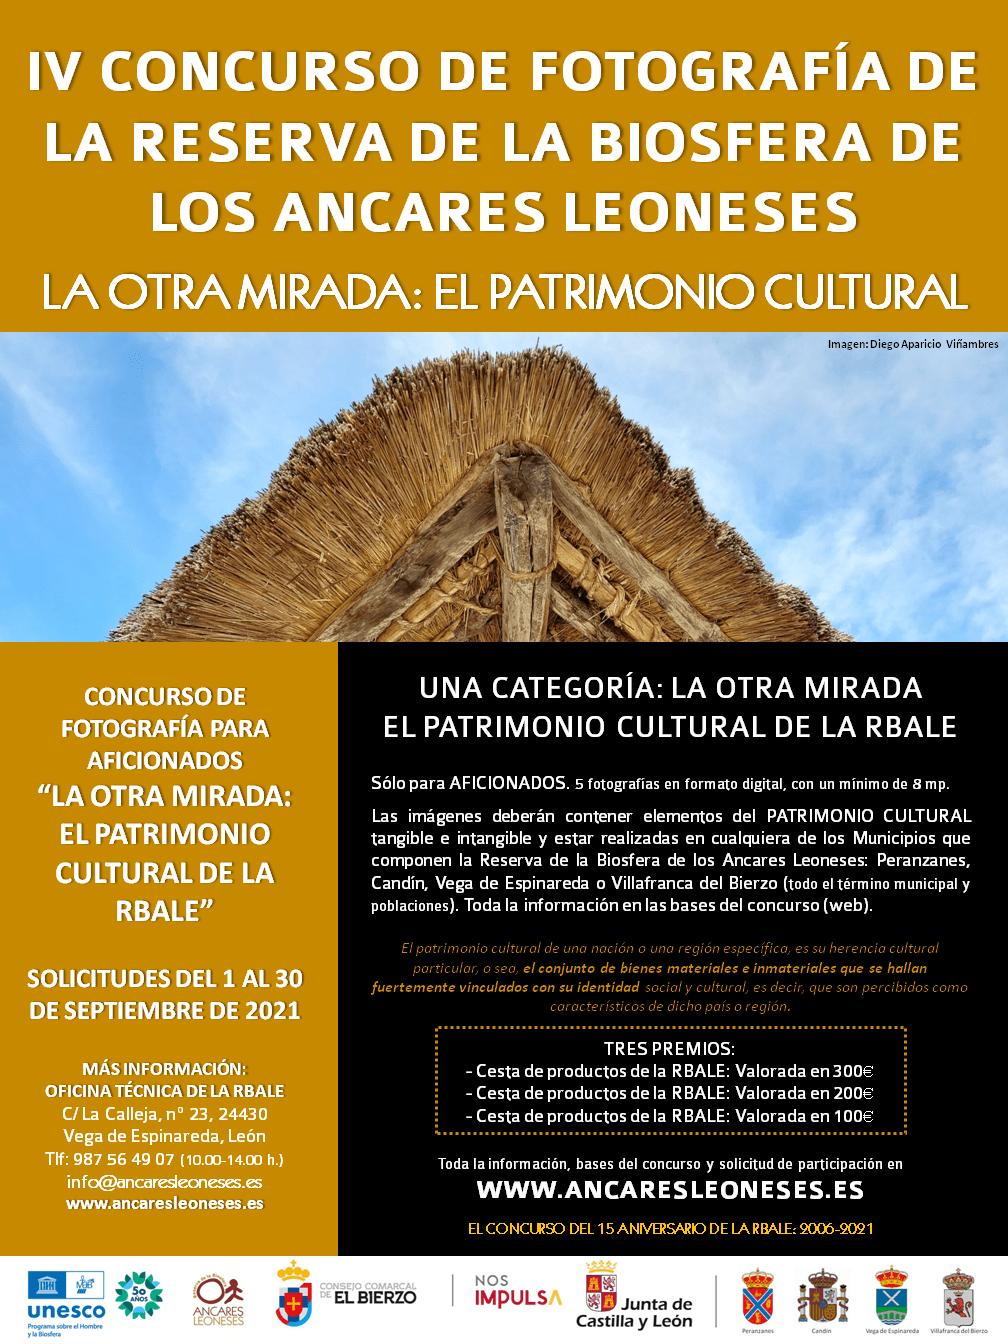 IV Concurso de fotografía de la Reserva de la Biosfera de los Ancares Leoneses 1